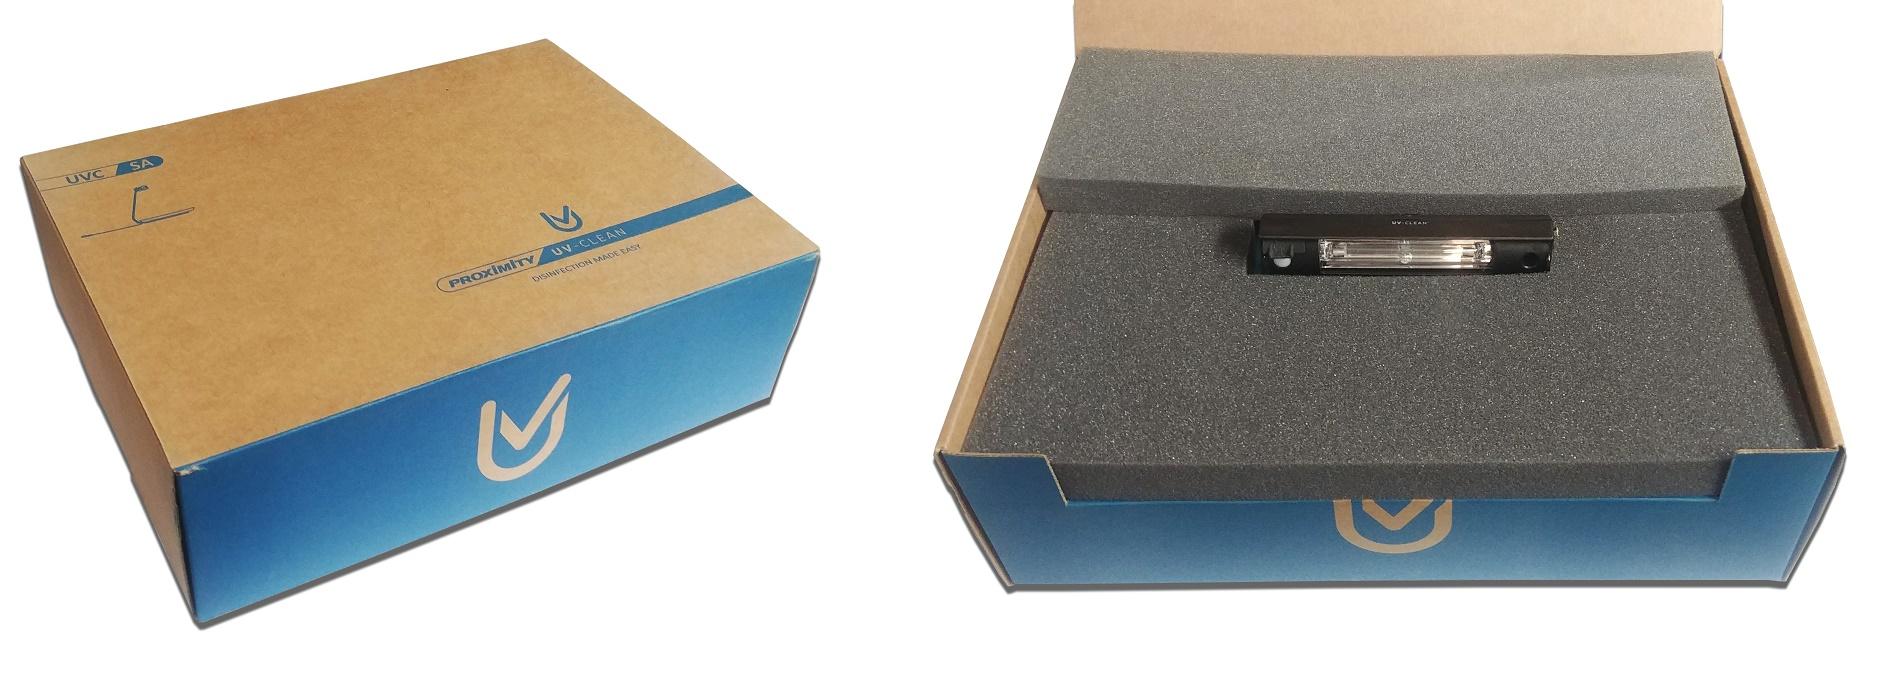 Proximity UVC-SA Systems UV-Clean Stand-alone Uvc Disinfection Light UVC-SA-NA